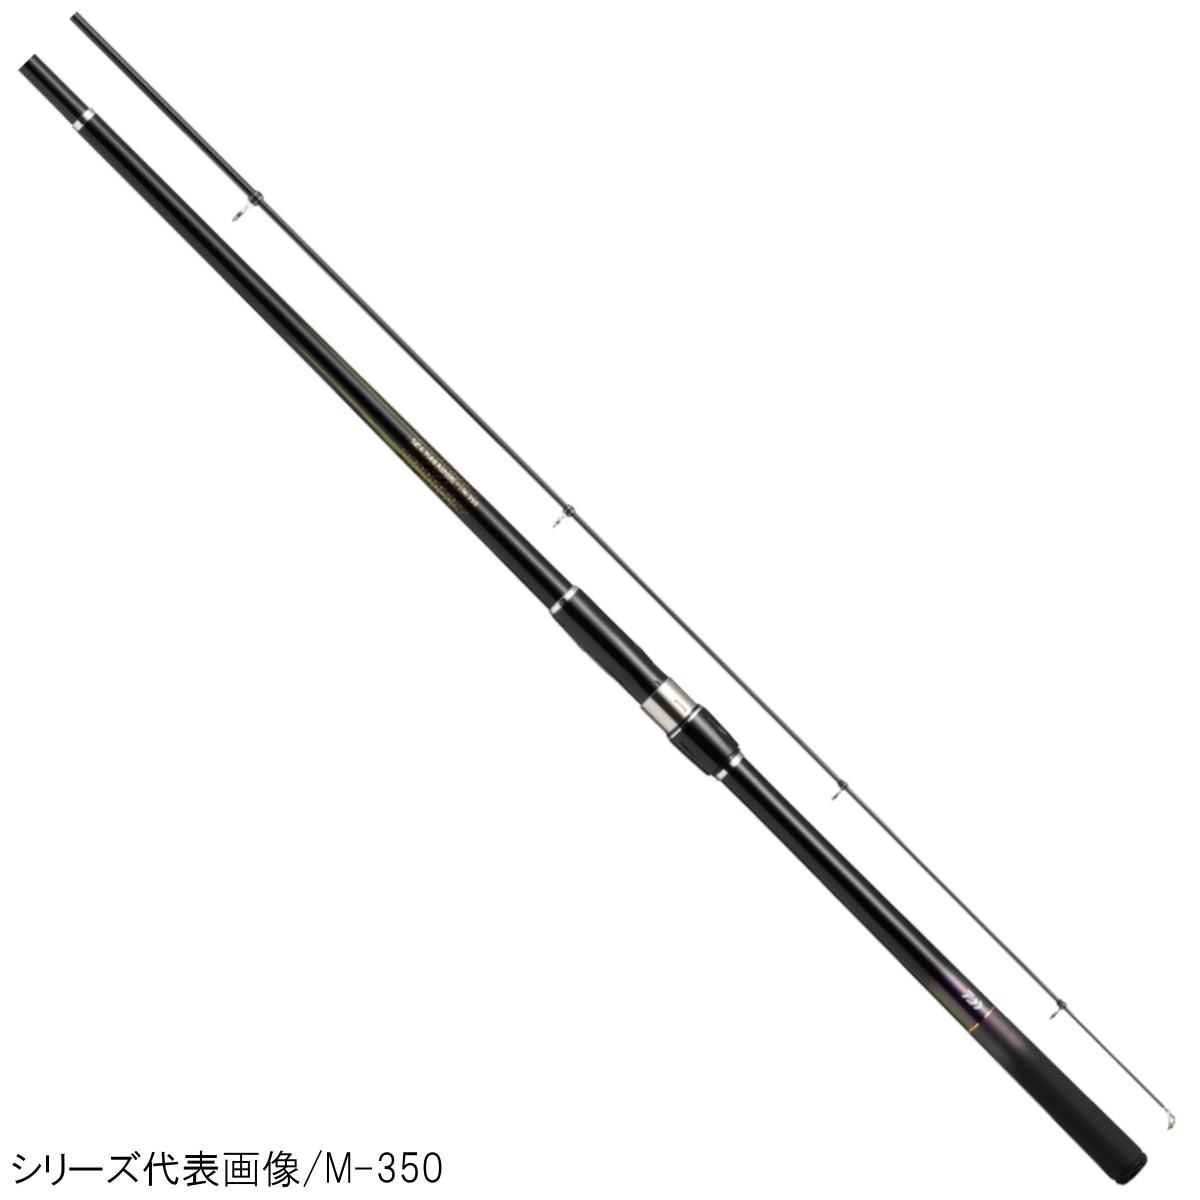 シーパラダイス H-350・E ダイワ【同梱不可】